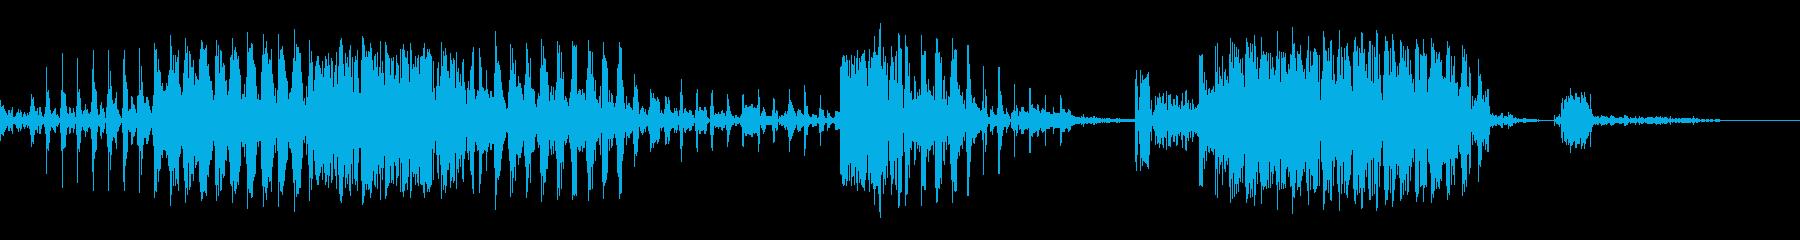 ロボット「Missionomplete」の再生済みの波形